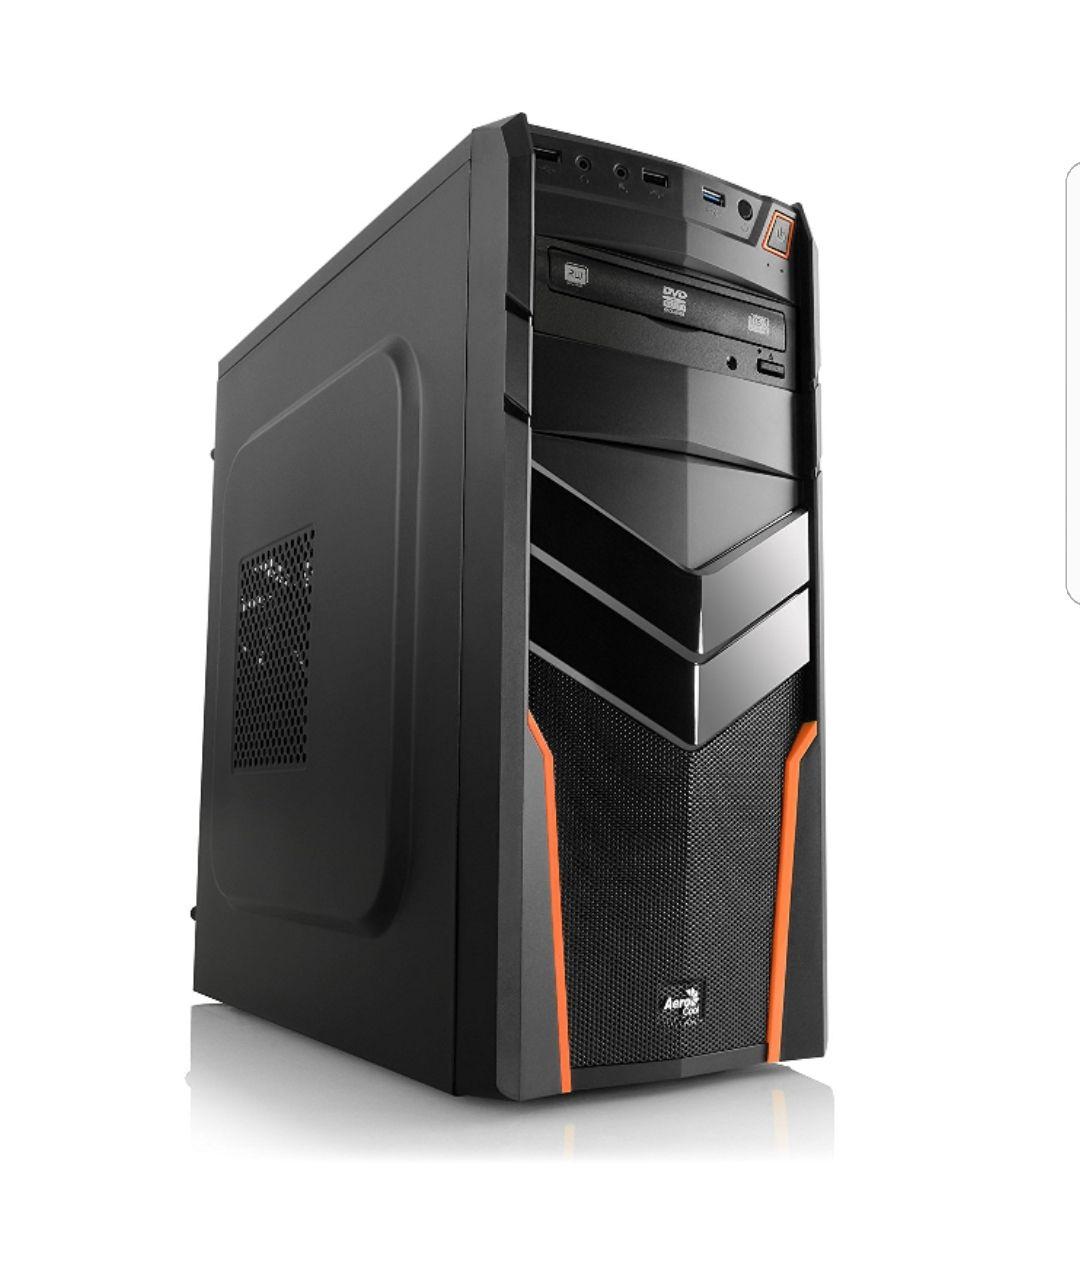 [Amazon.Blitzangebot] Gaming PC IDV Intel i5-7600 inkl. Windows 7 Professional - Intel Quad-Core i5-7600 4× 3500 MHz, GeForce GTX 1070, 16GB RAM, 240GB SSD, 1TB HDD, USB 3.1